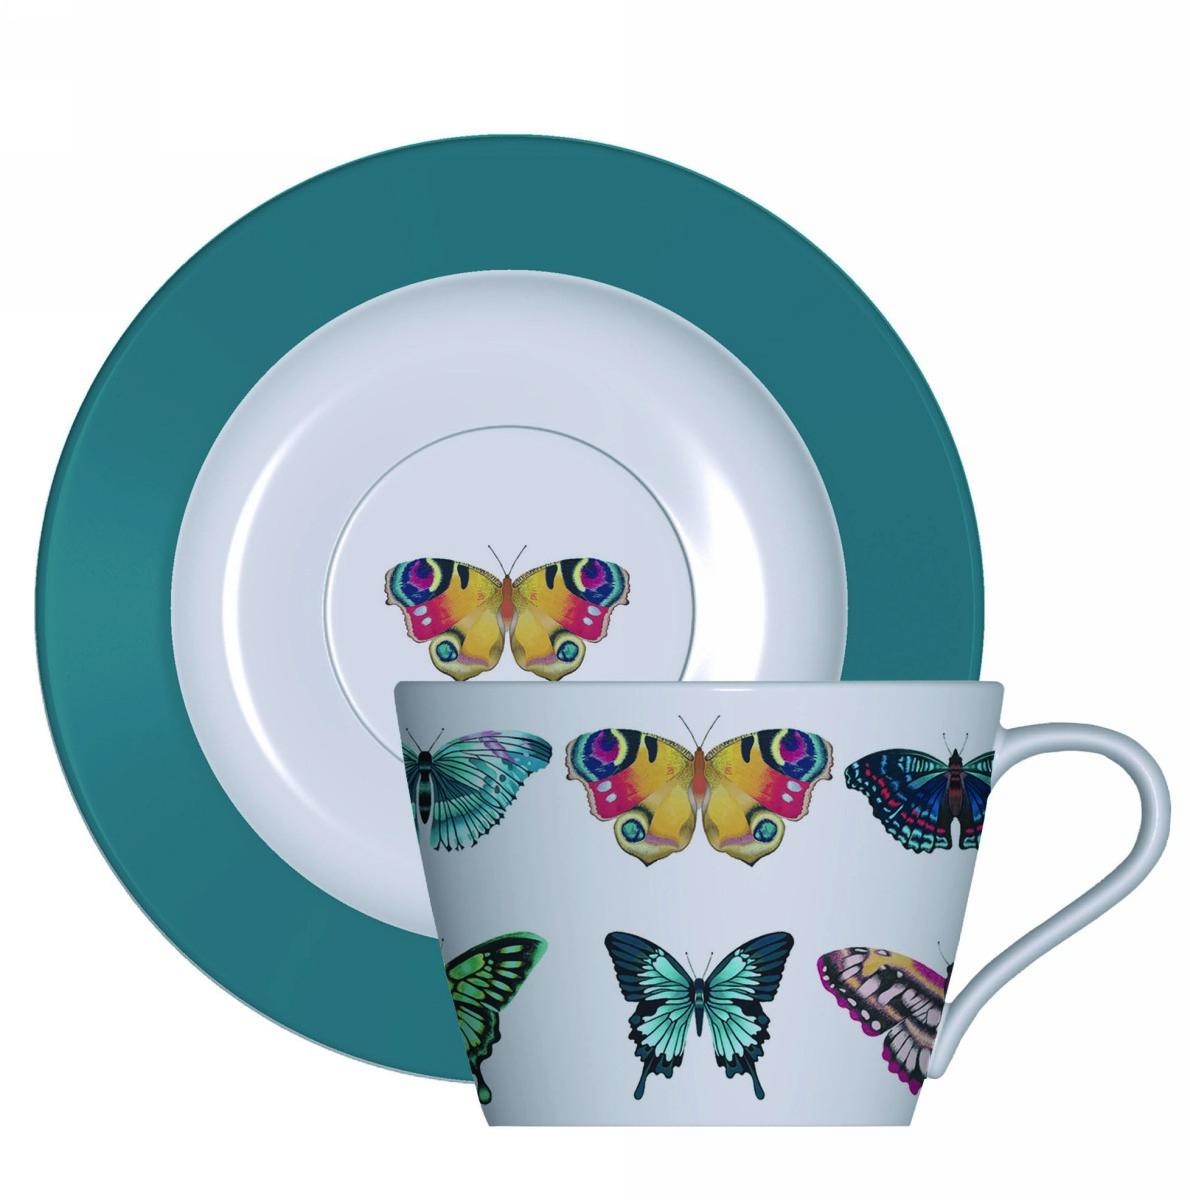 Кофейный набор Churchill: чашка с блюдцем, по 4шт, 115мл, Бабочки от Арлекин